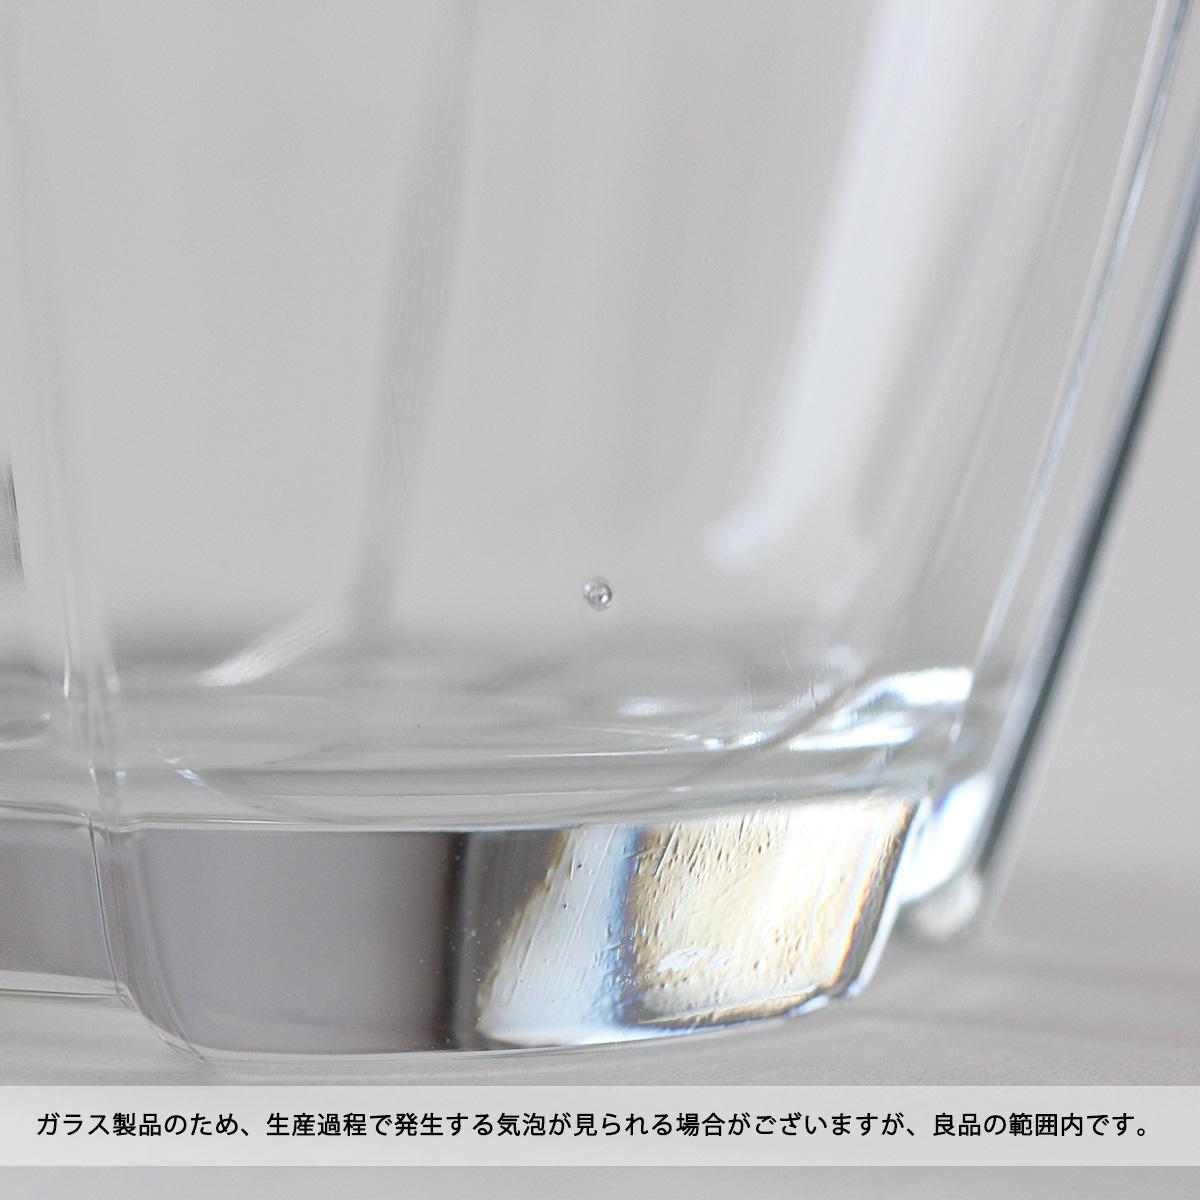 KOSTA BODA (コスタ ボダ) Bruk.(ブルック) サイドプレート H2.1×Φ19.5cm クリア北欧/食器/皿